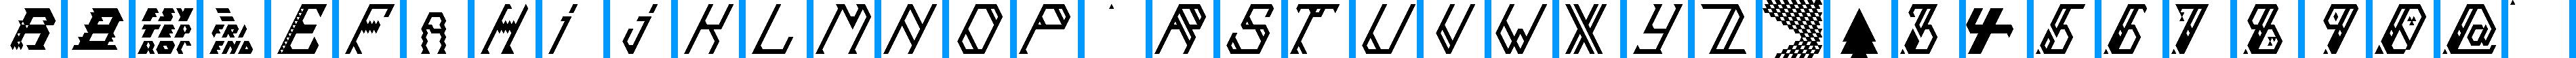 Particip-a-type v.354